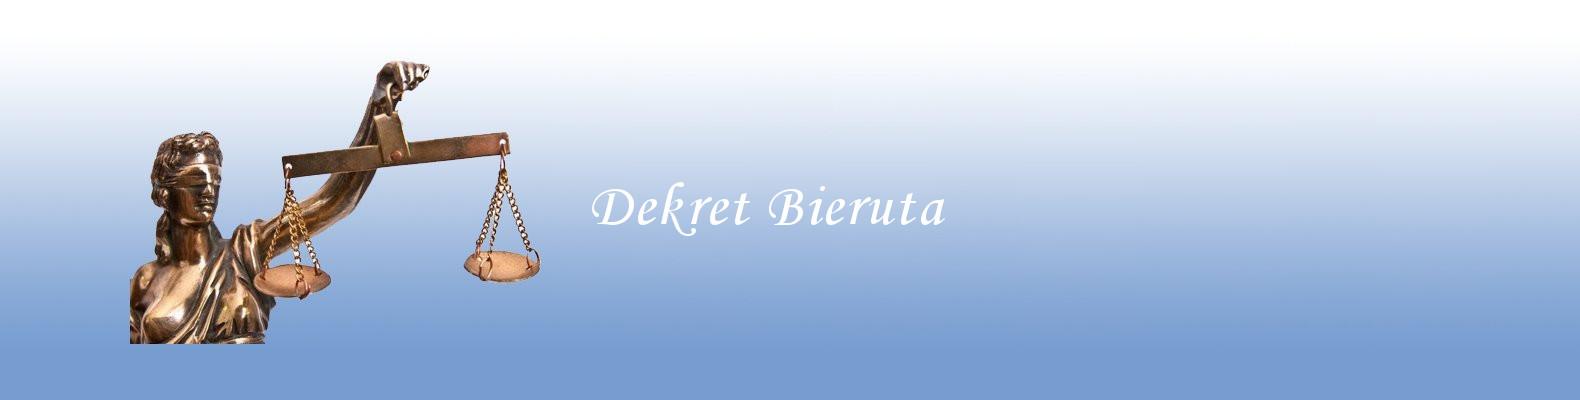 f_Dekret-Bieruta